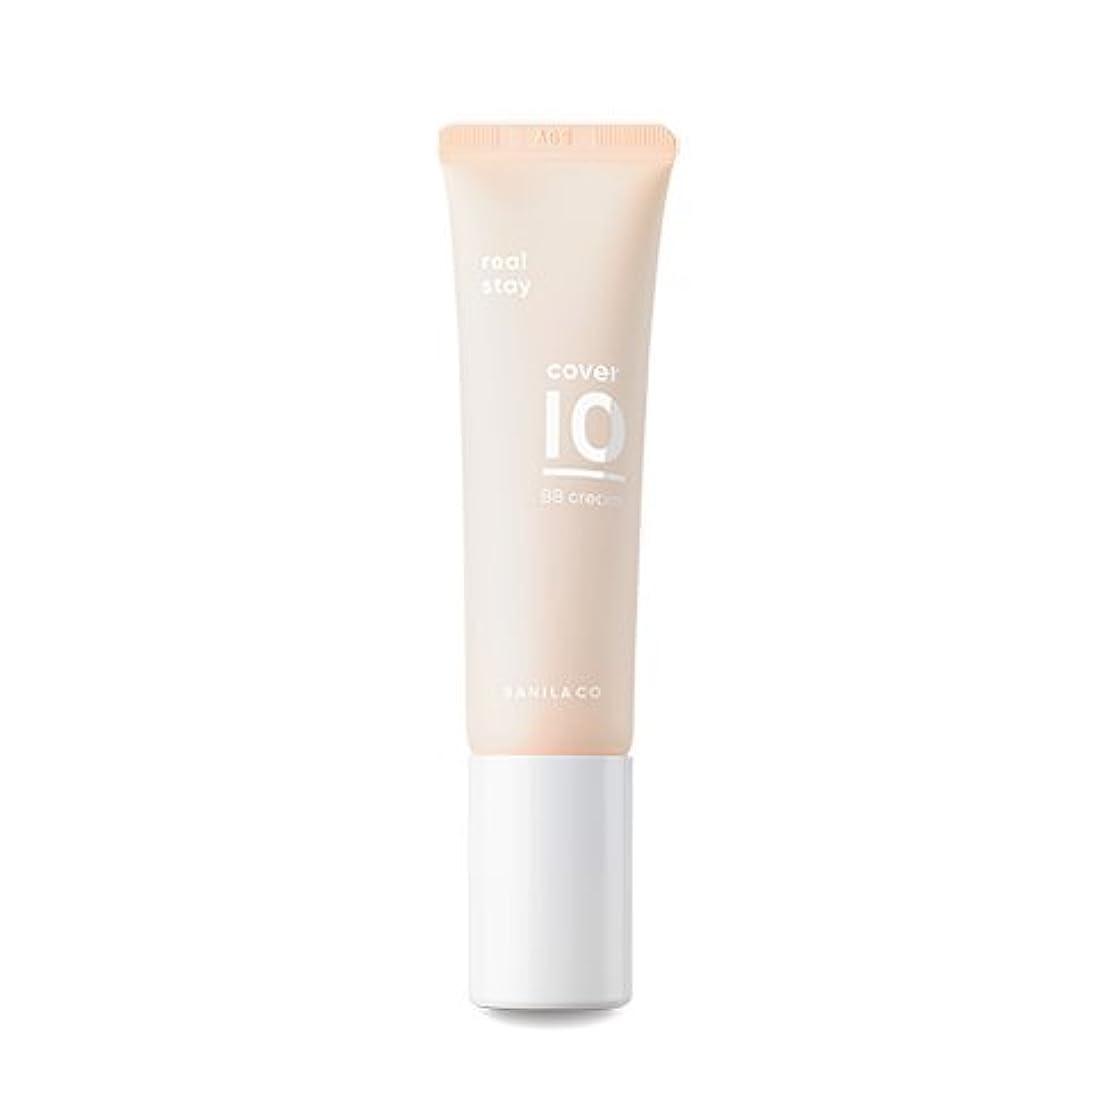 砲兵タンク人里離れた[Renewal] BANILA CO Cover 10 Real Stay BB Cream 30ml/バニラコ カバー 10 リアル ステイ BBクリーム 30ml (#Natural Beige) [並行輸入品]